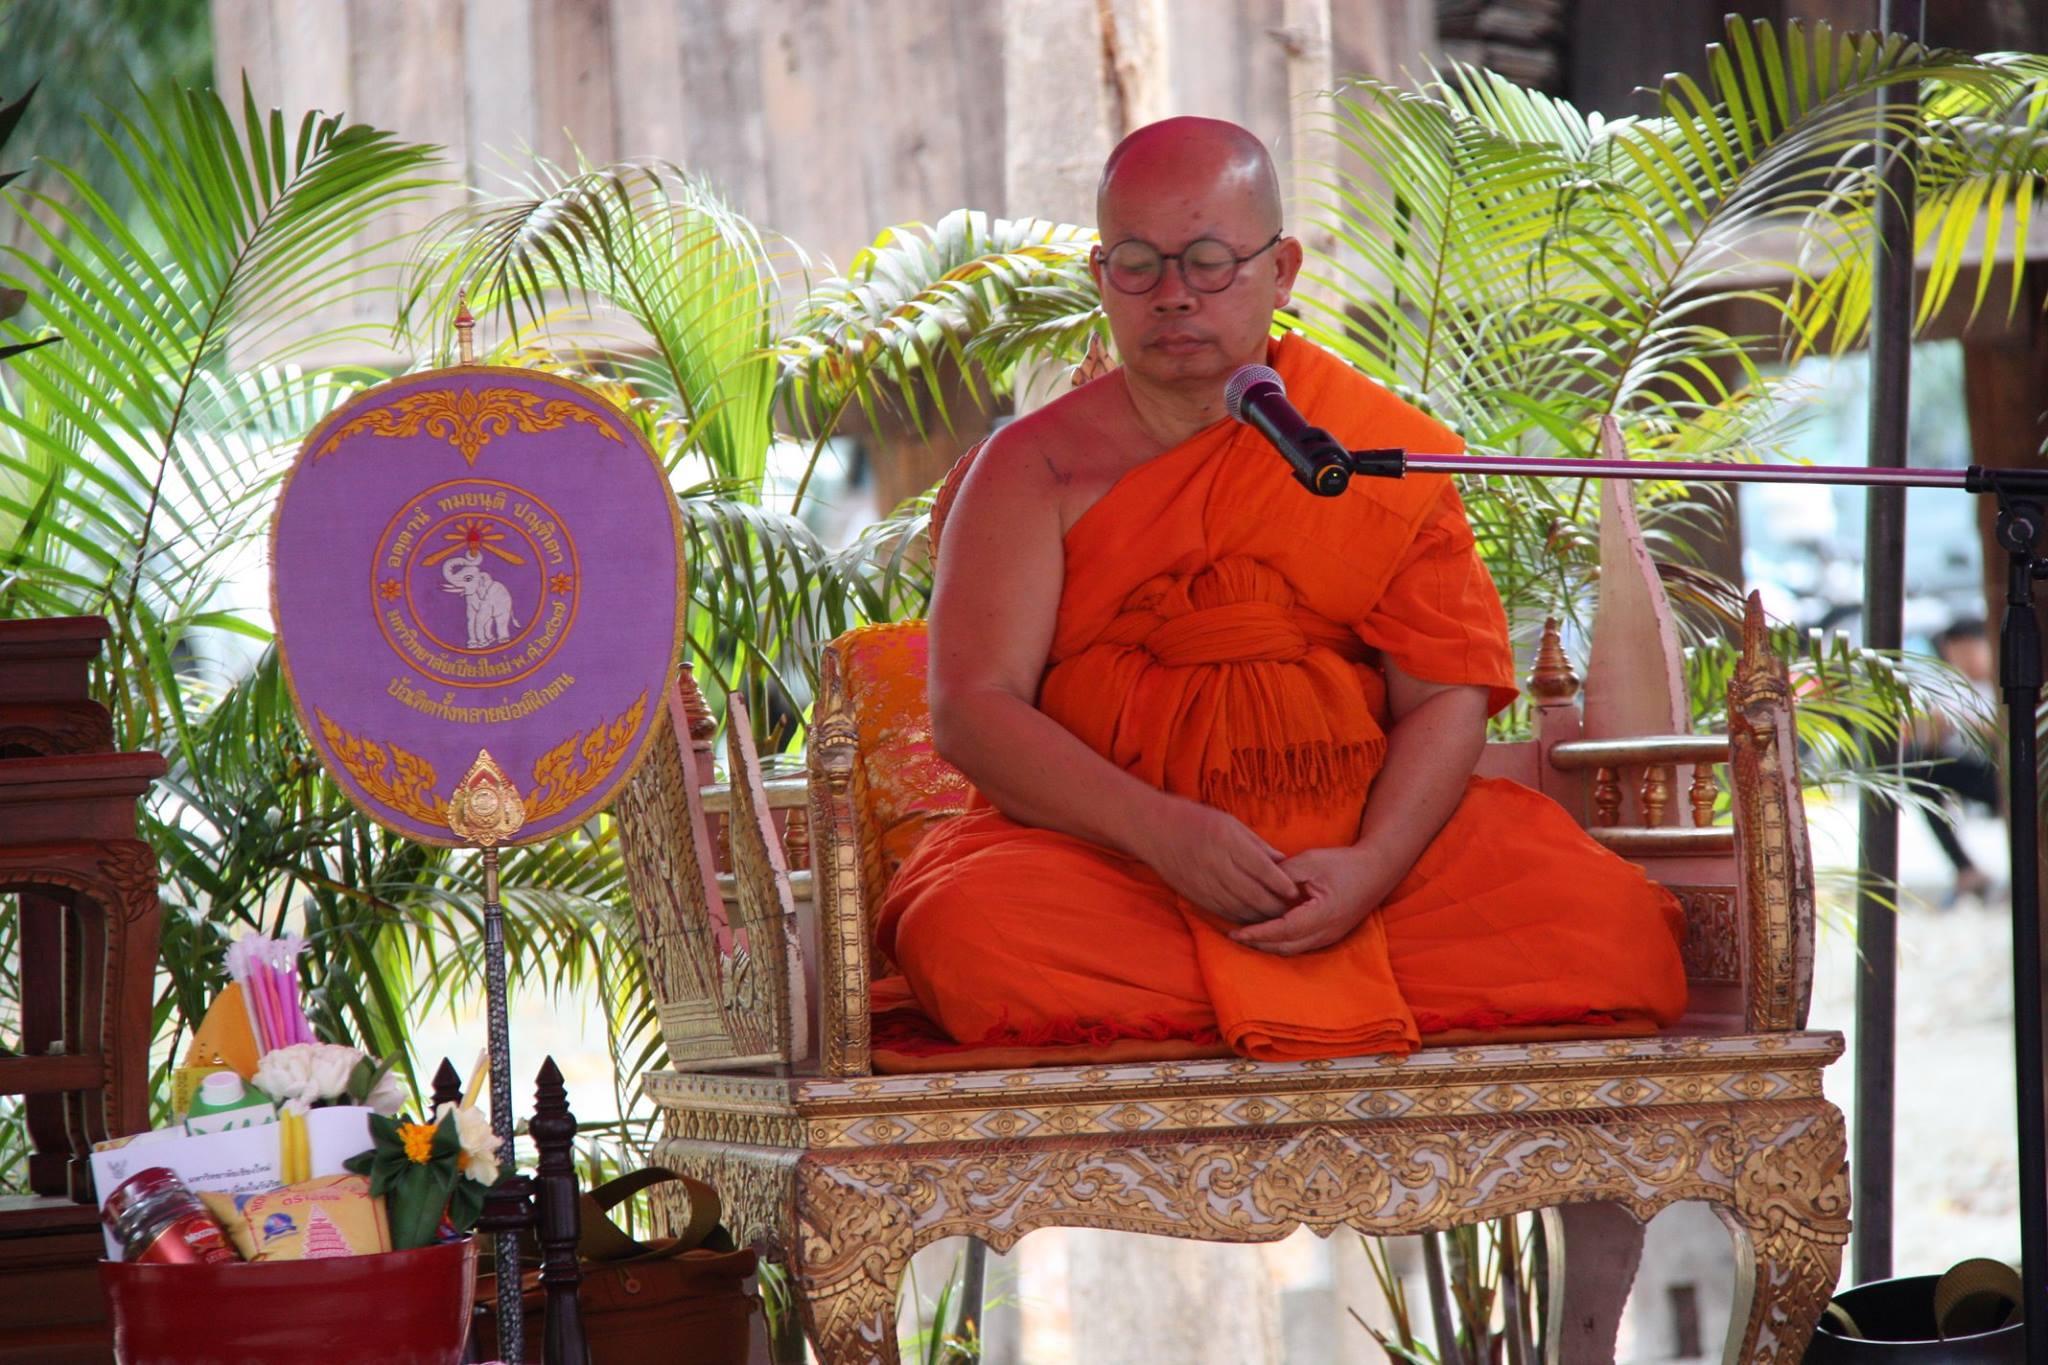 ร่วมพิธีทำบุญตักบาตรเนื่องในวันวิสาขบูชา ประจำปี 2559 เมื่อวันที่ 20 พฤษภาคม 2559